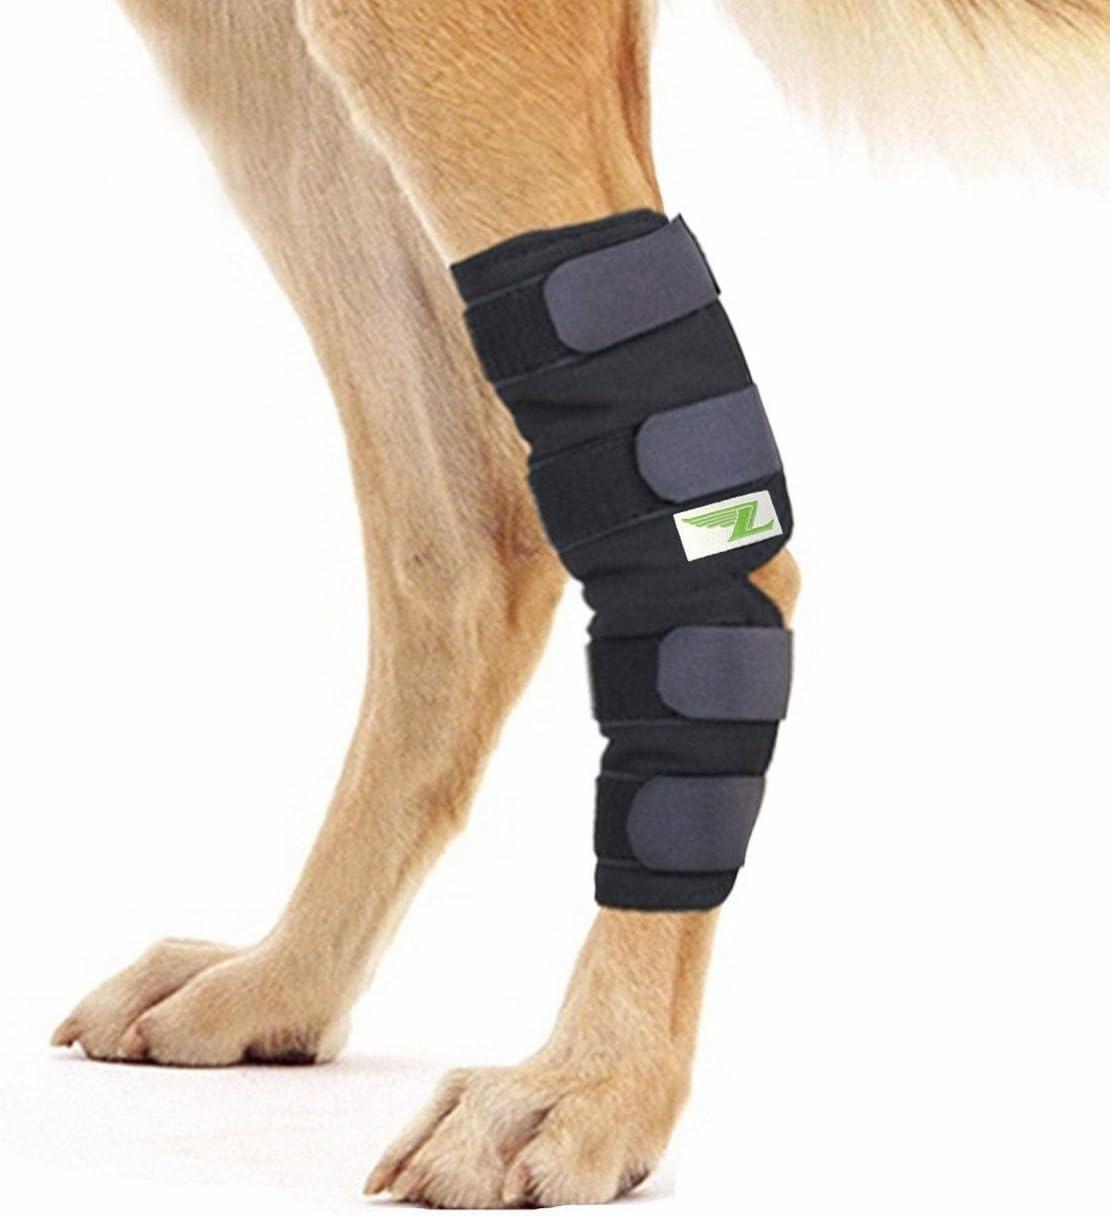 RockPet Órtesis Curadora Articulación Pata Trasera de Perro Envoltura Canina de Corvejón (M)